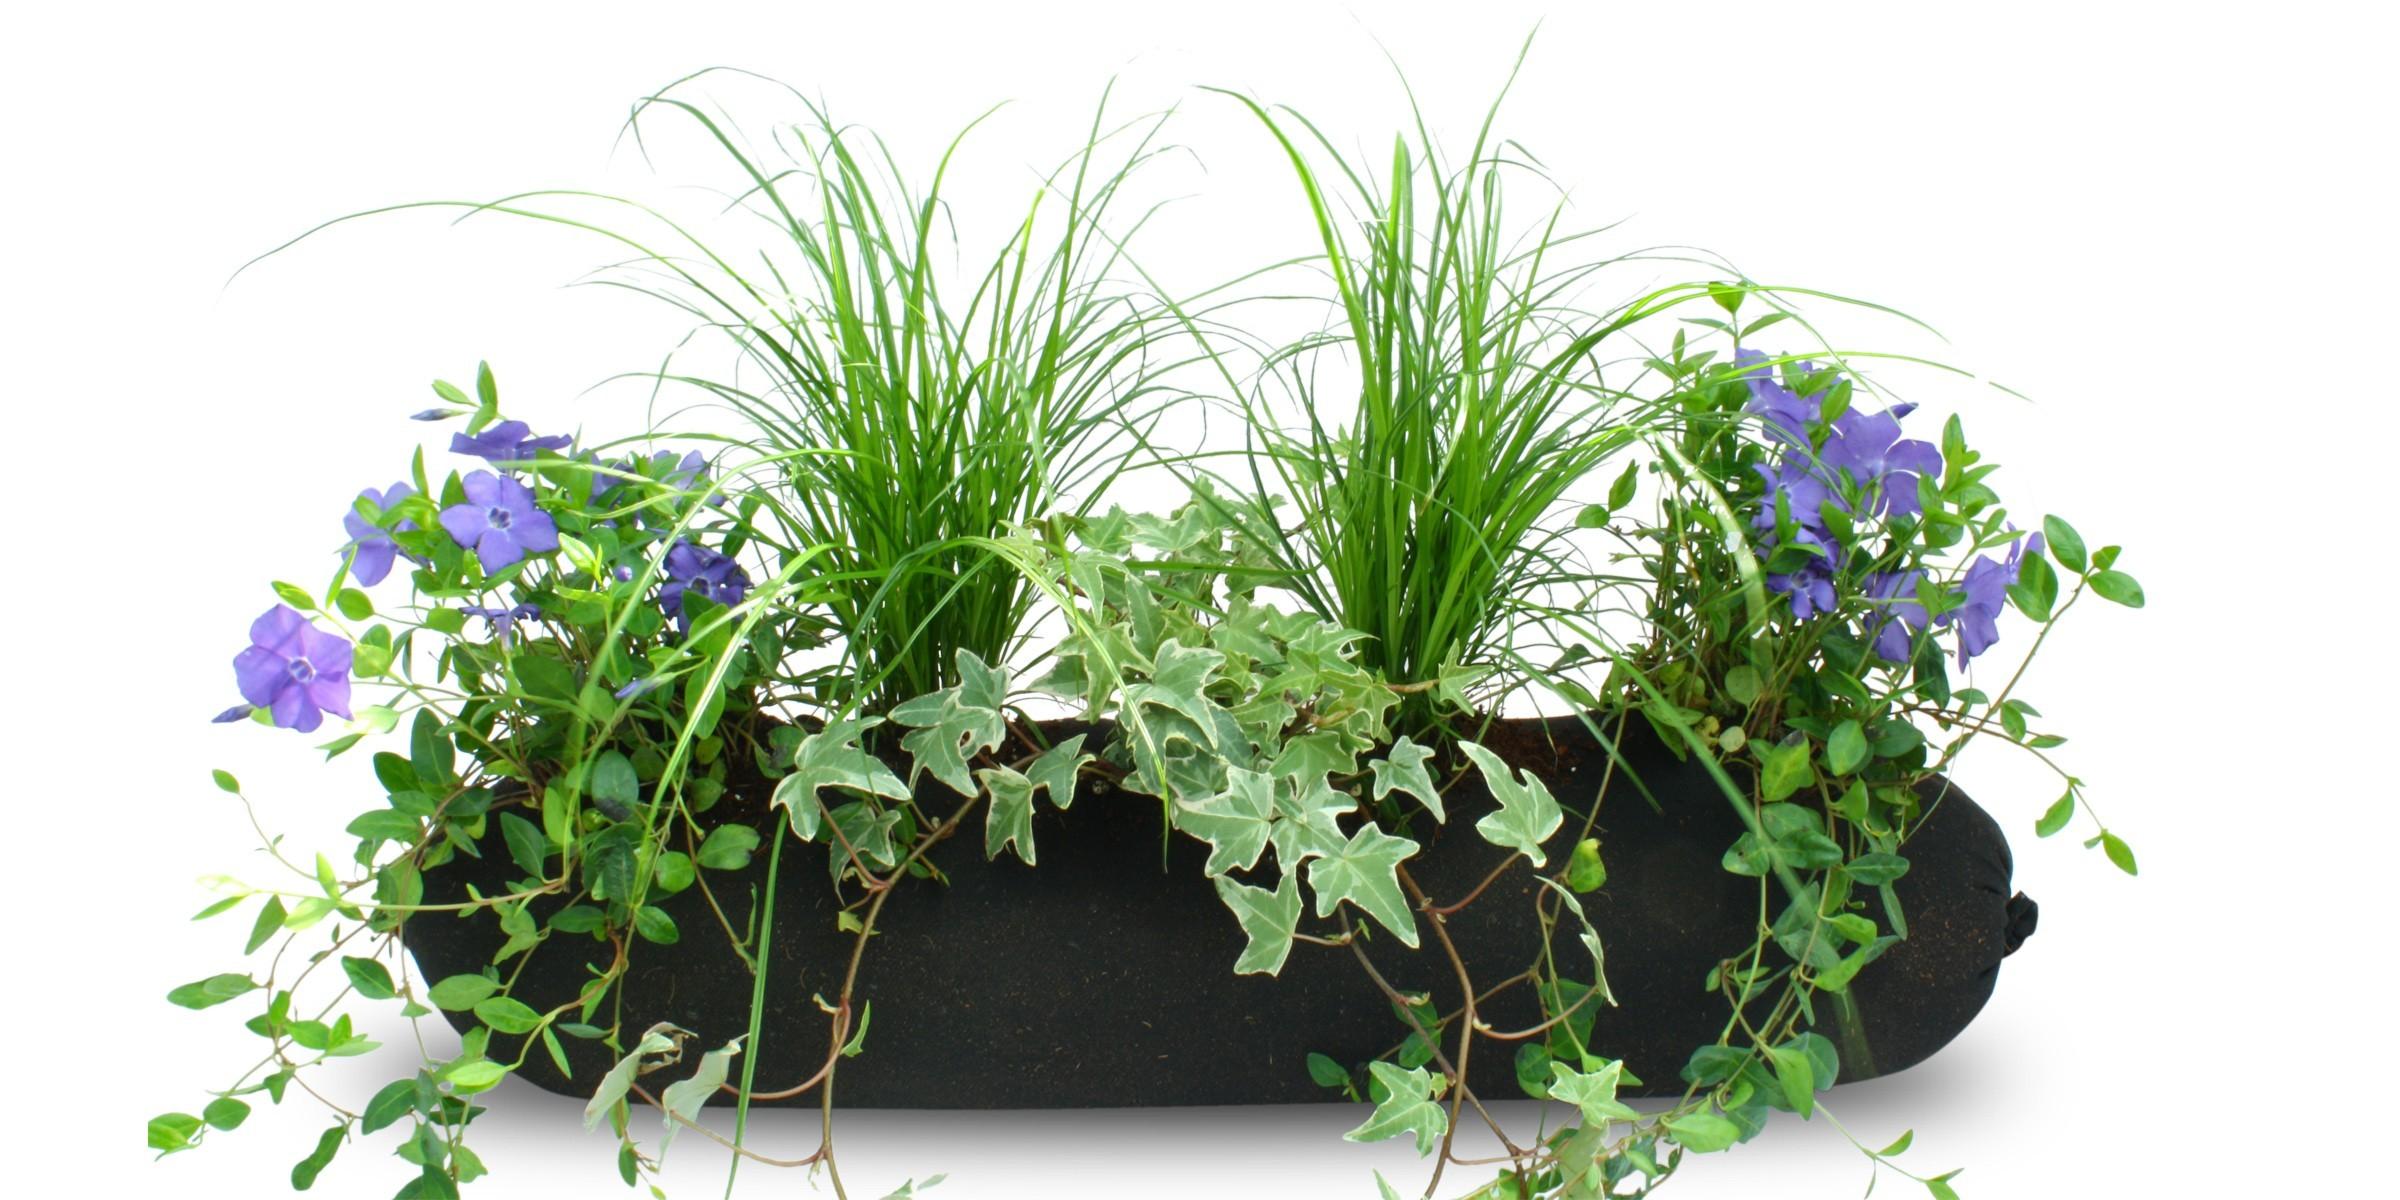 blumixx_bag_immergruen_balkonpflanzen